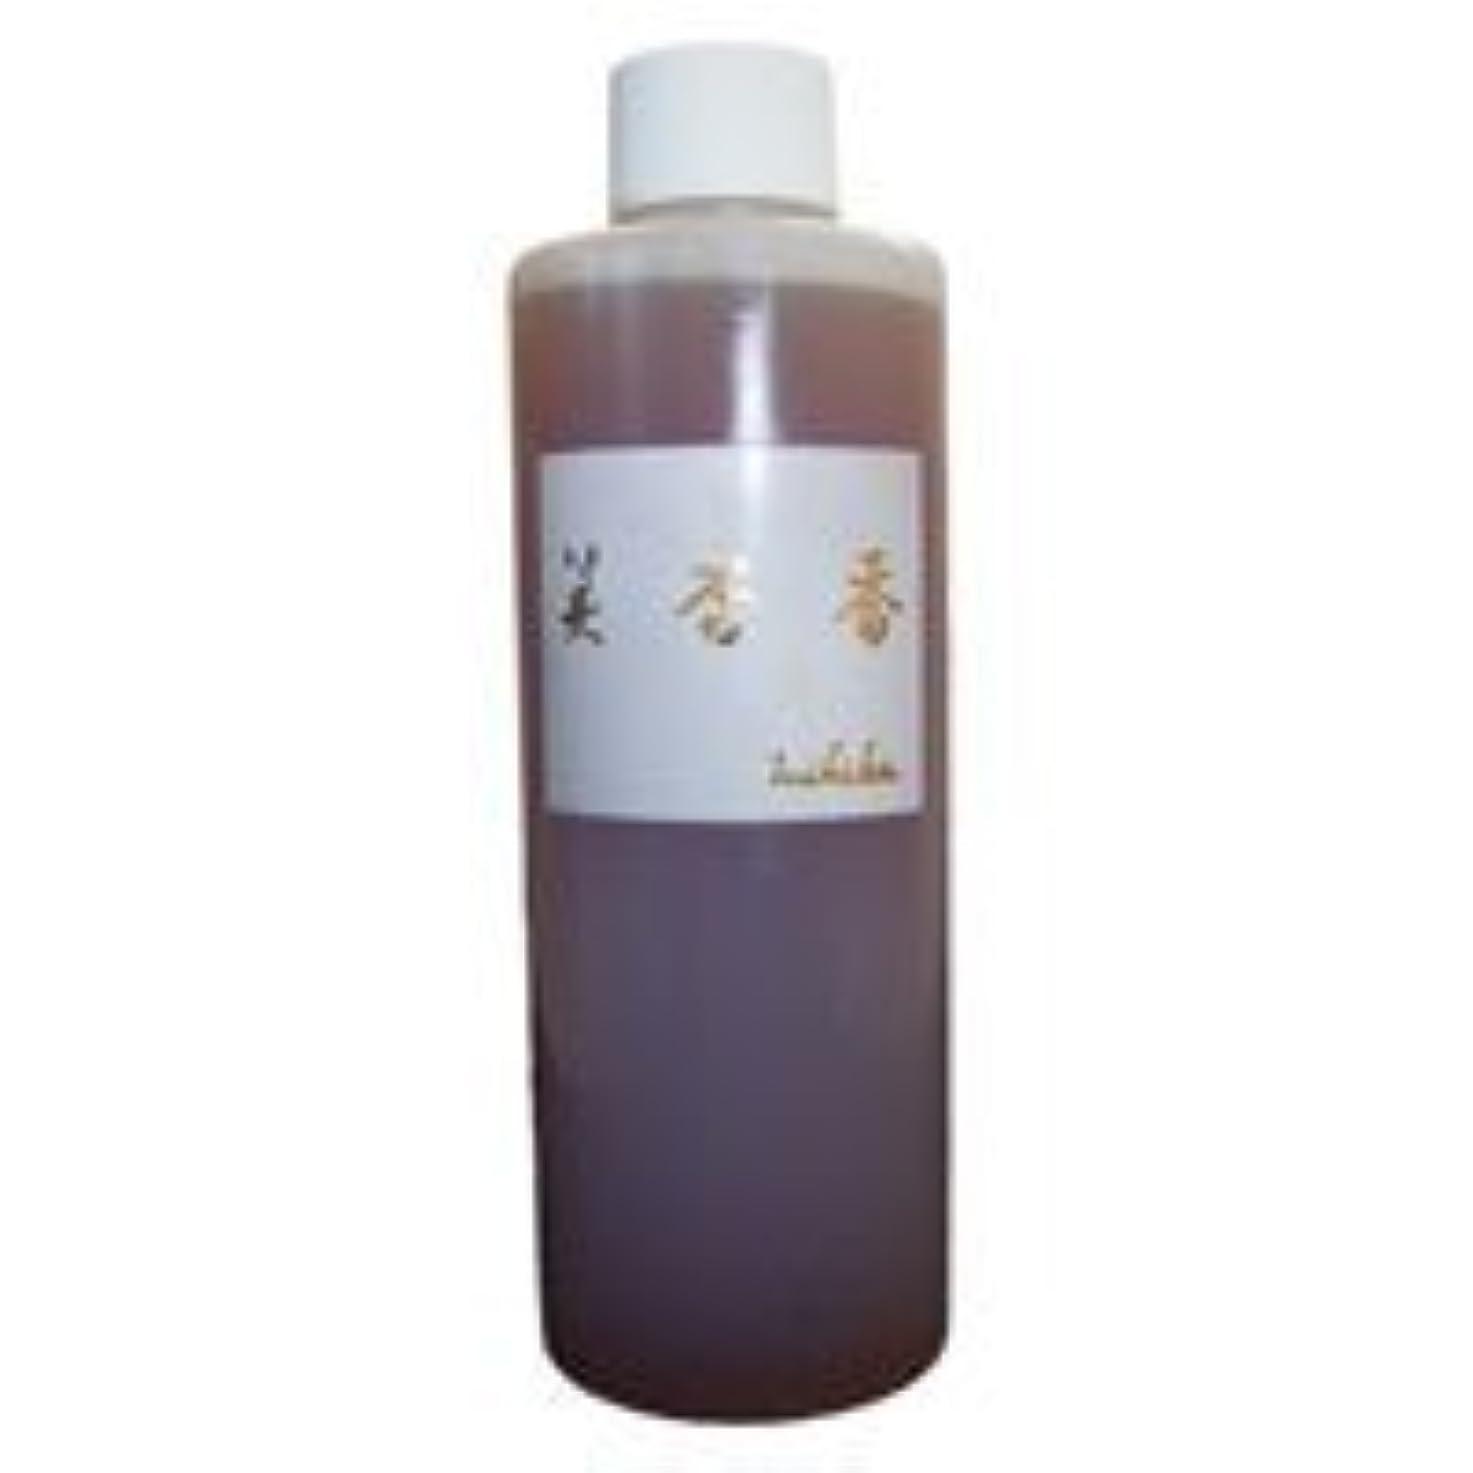 バング誇り重要な役割を果たす、中心的な手段となる美杏香ESローション 240ml